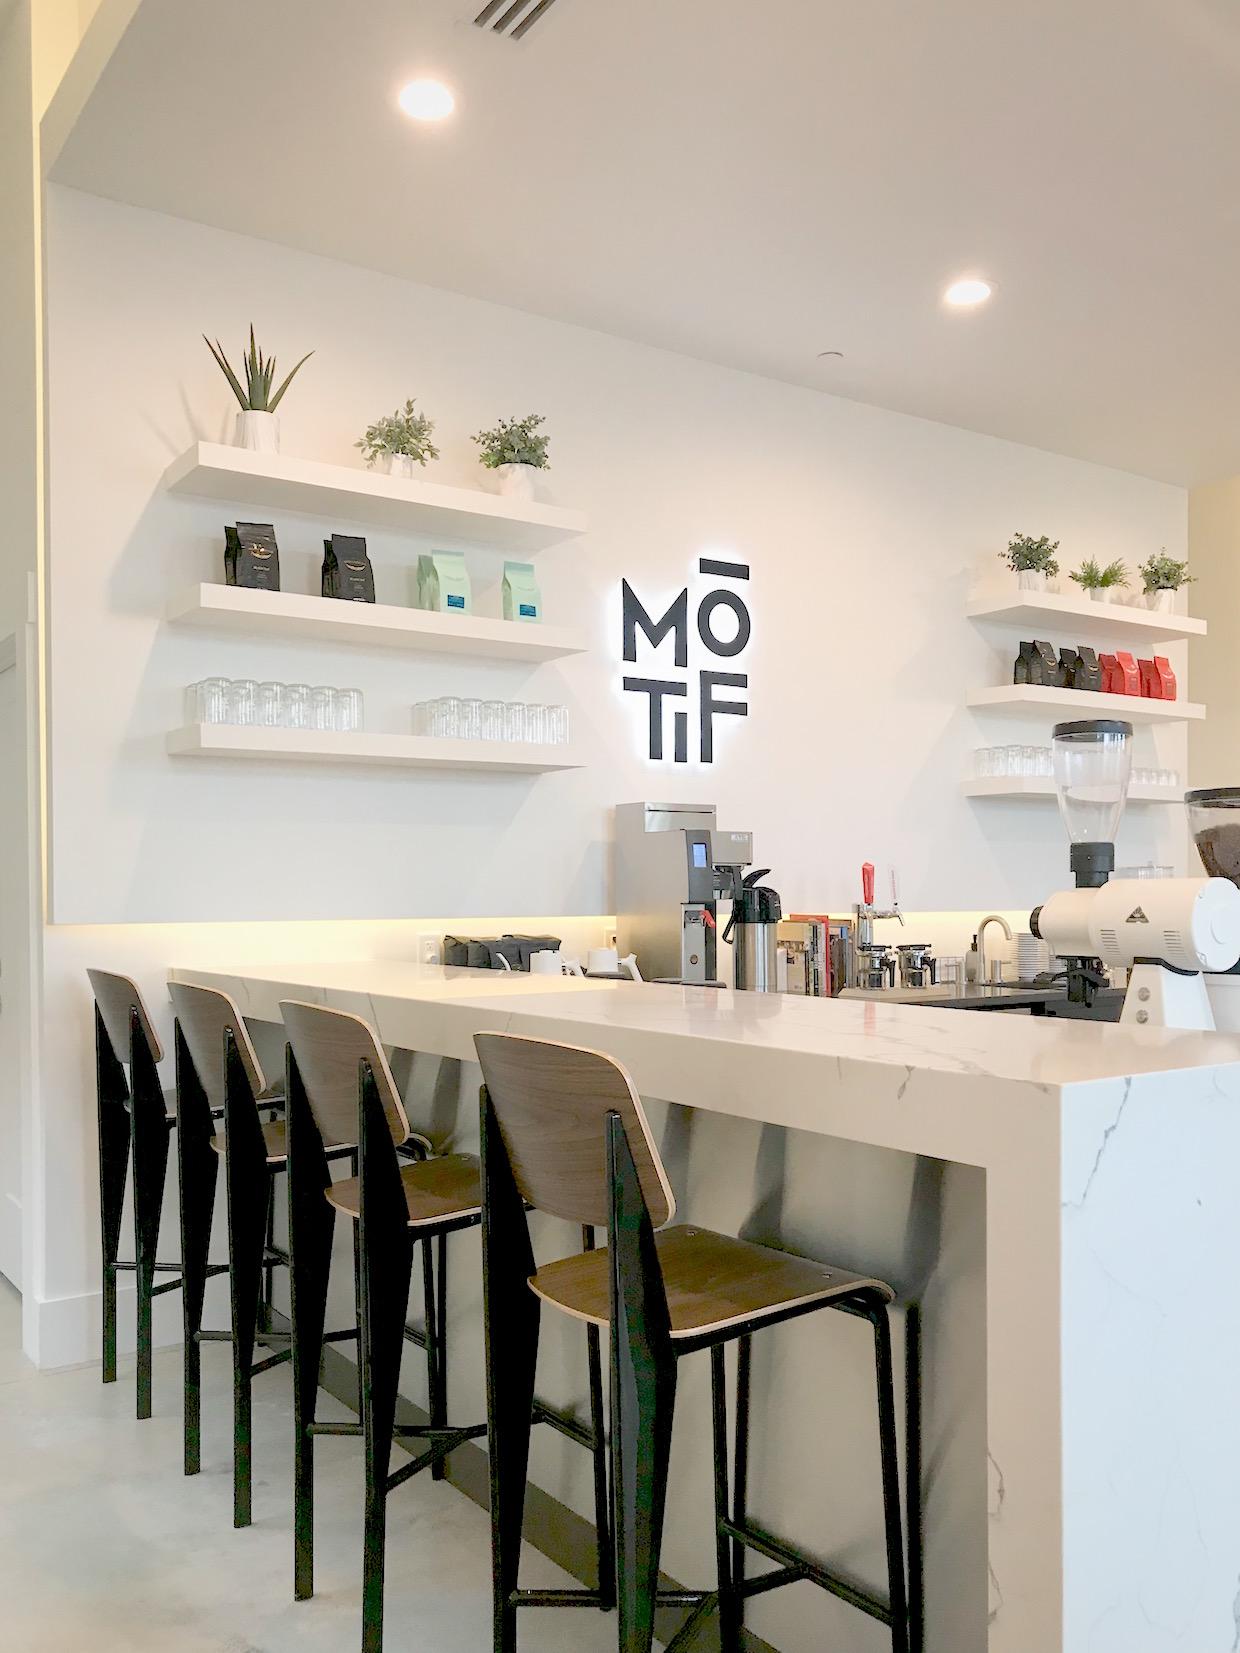 Cafe Motif Columbus Georgia